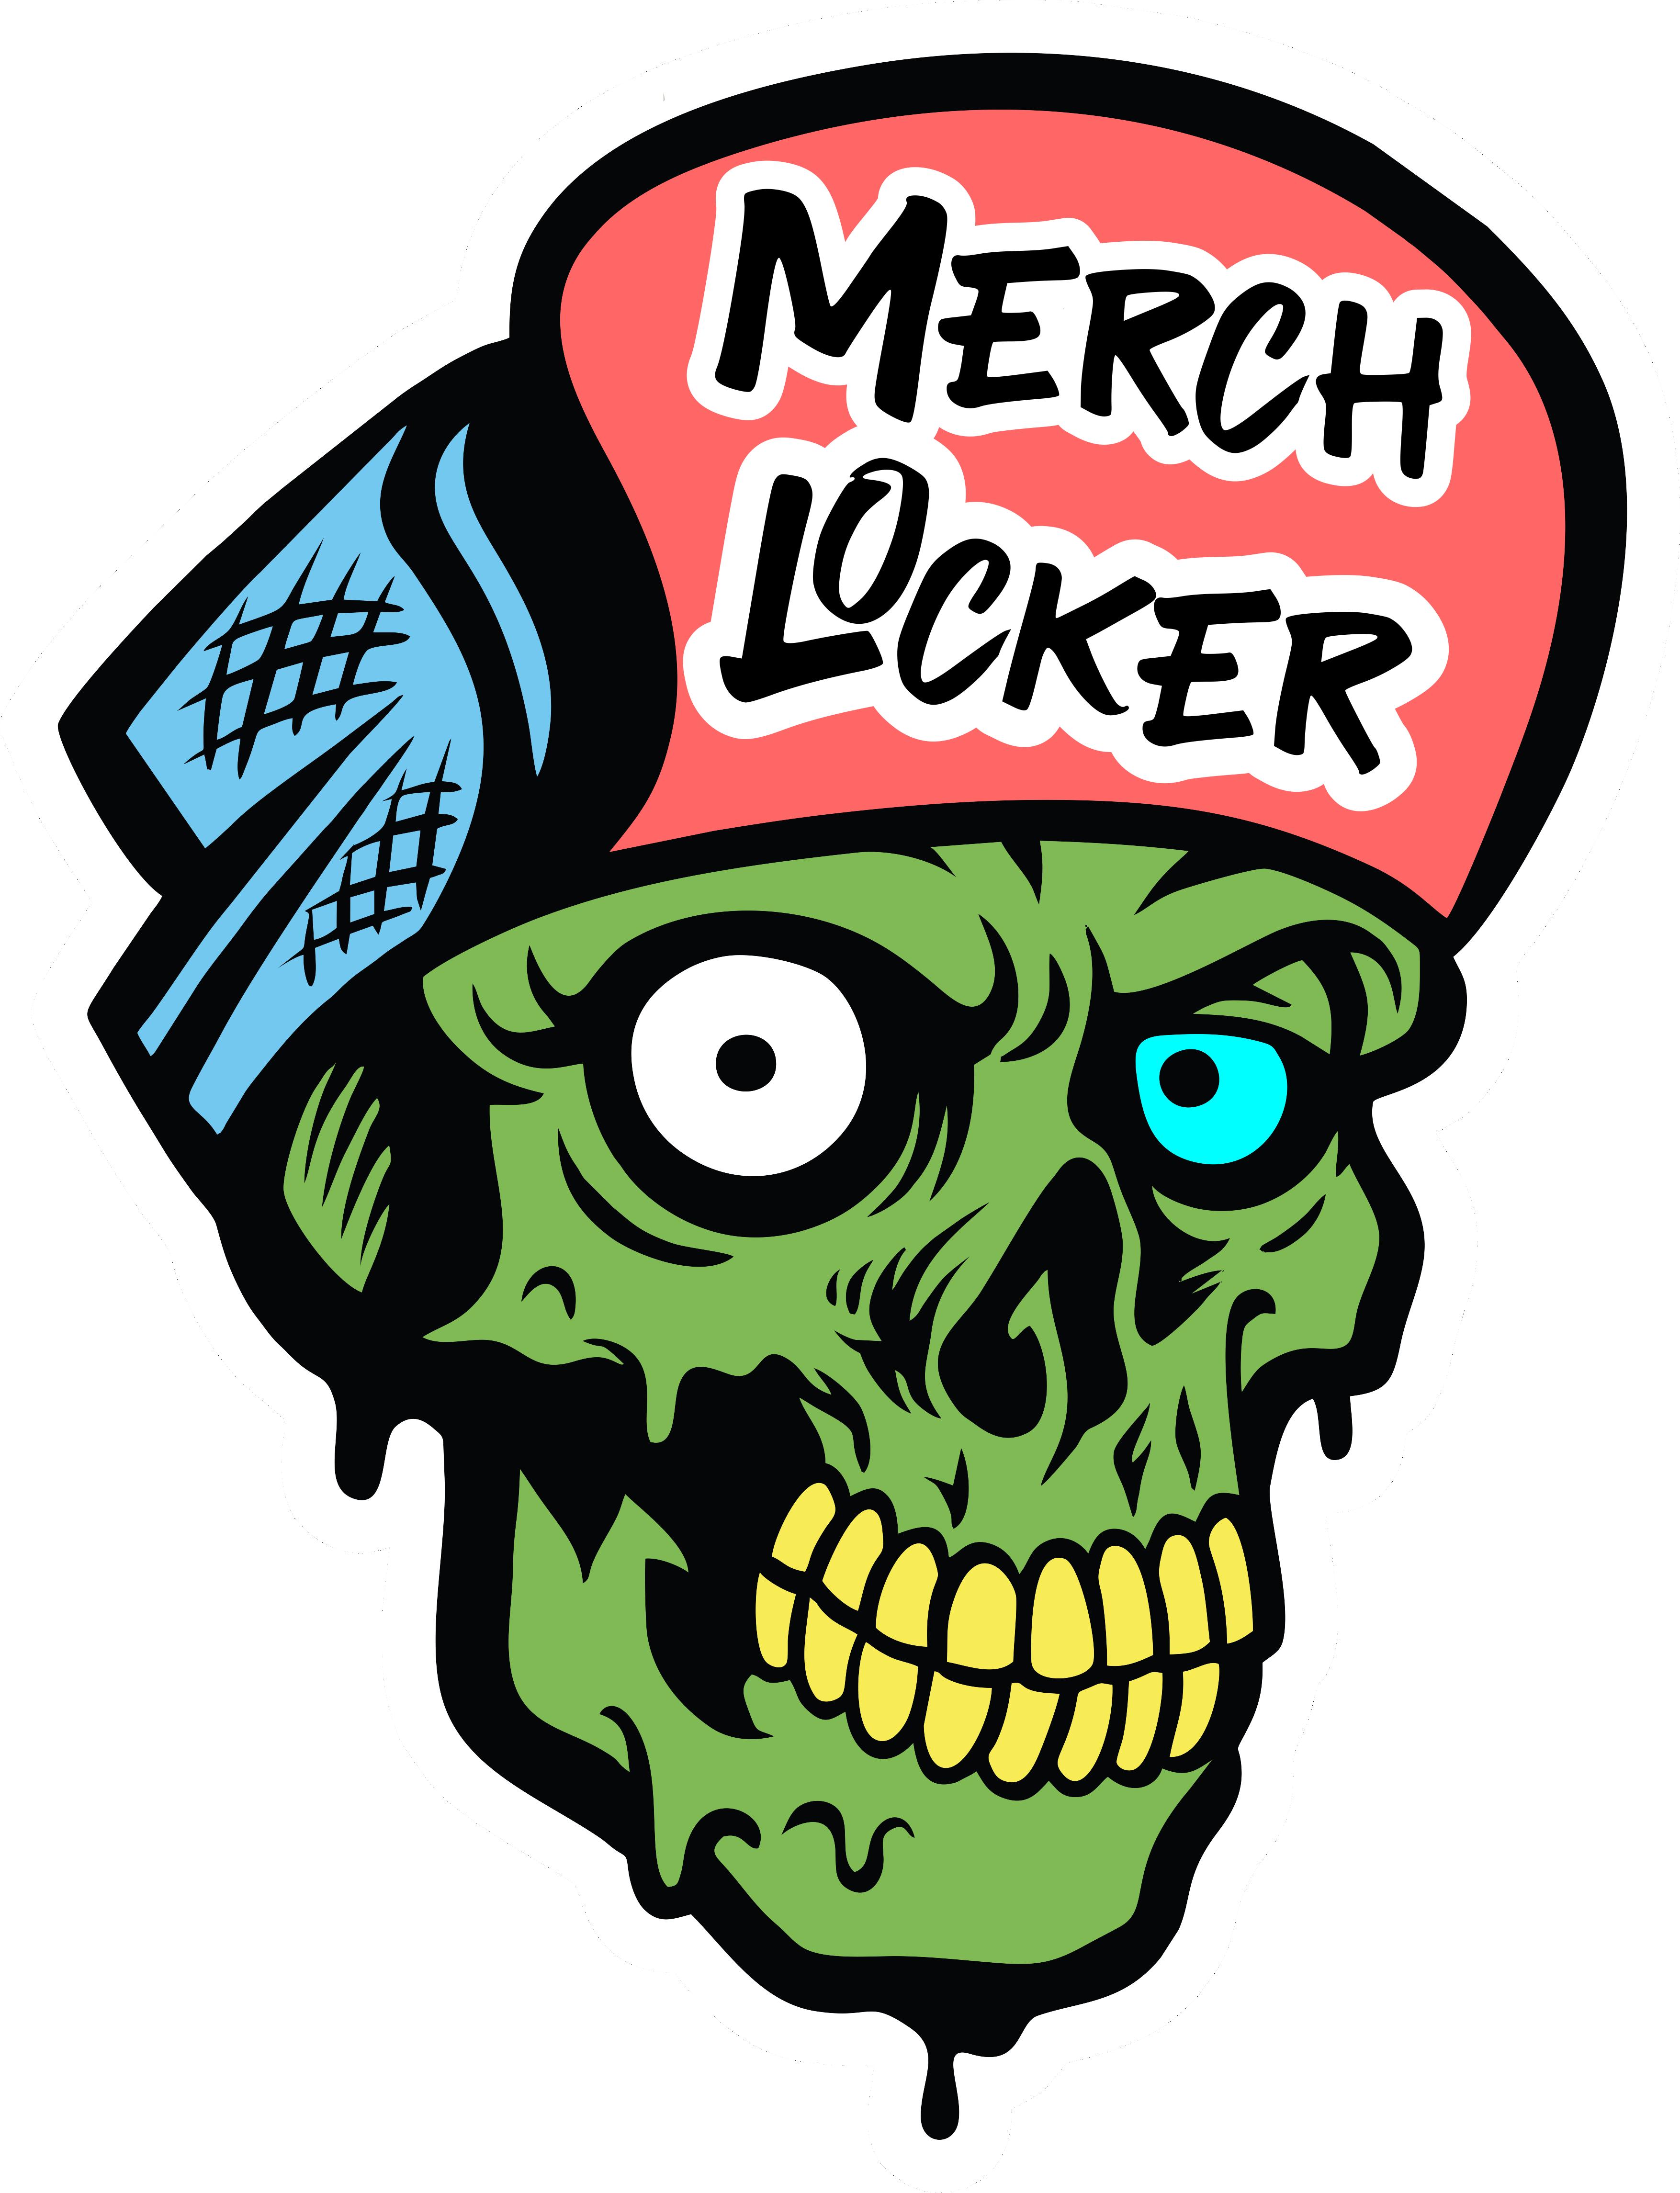 MERCH LOCKER PRINT SHOP LTD.